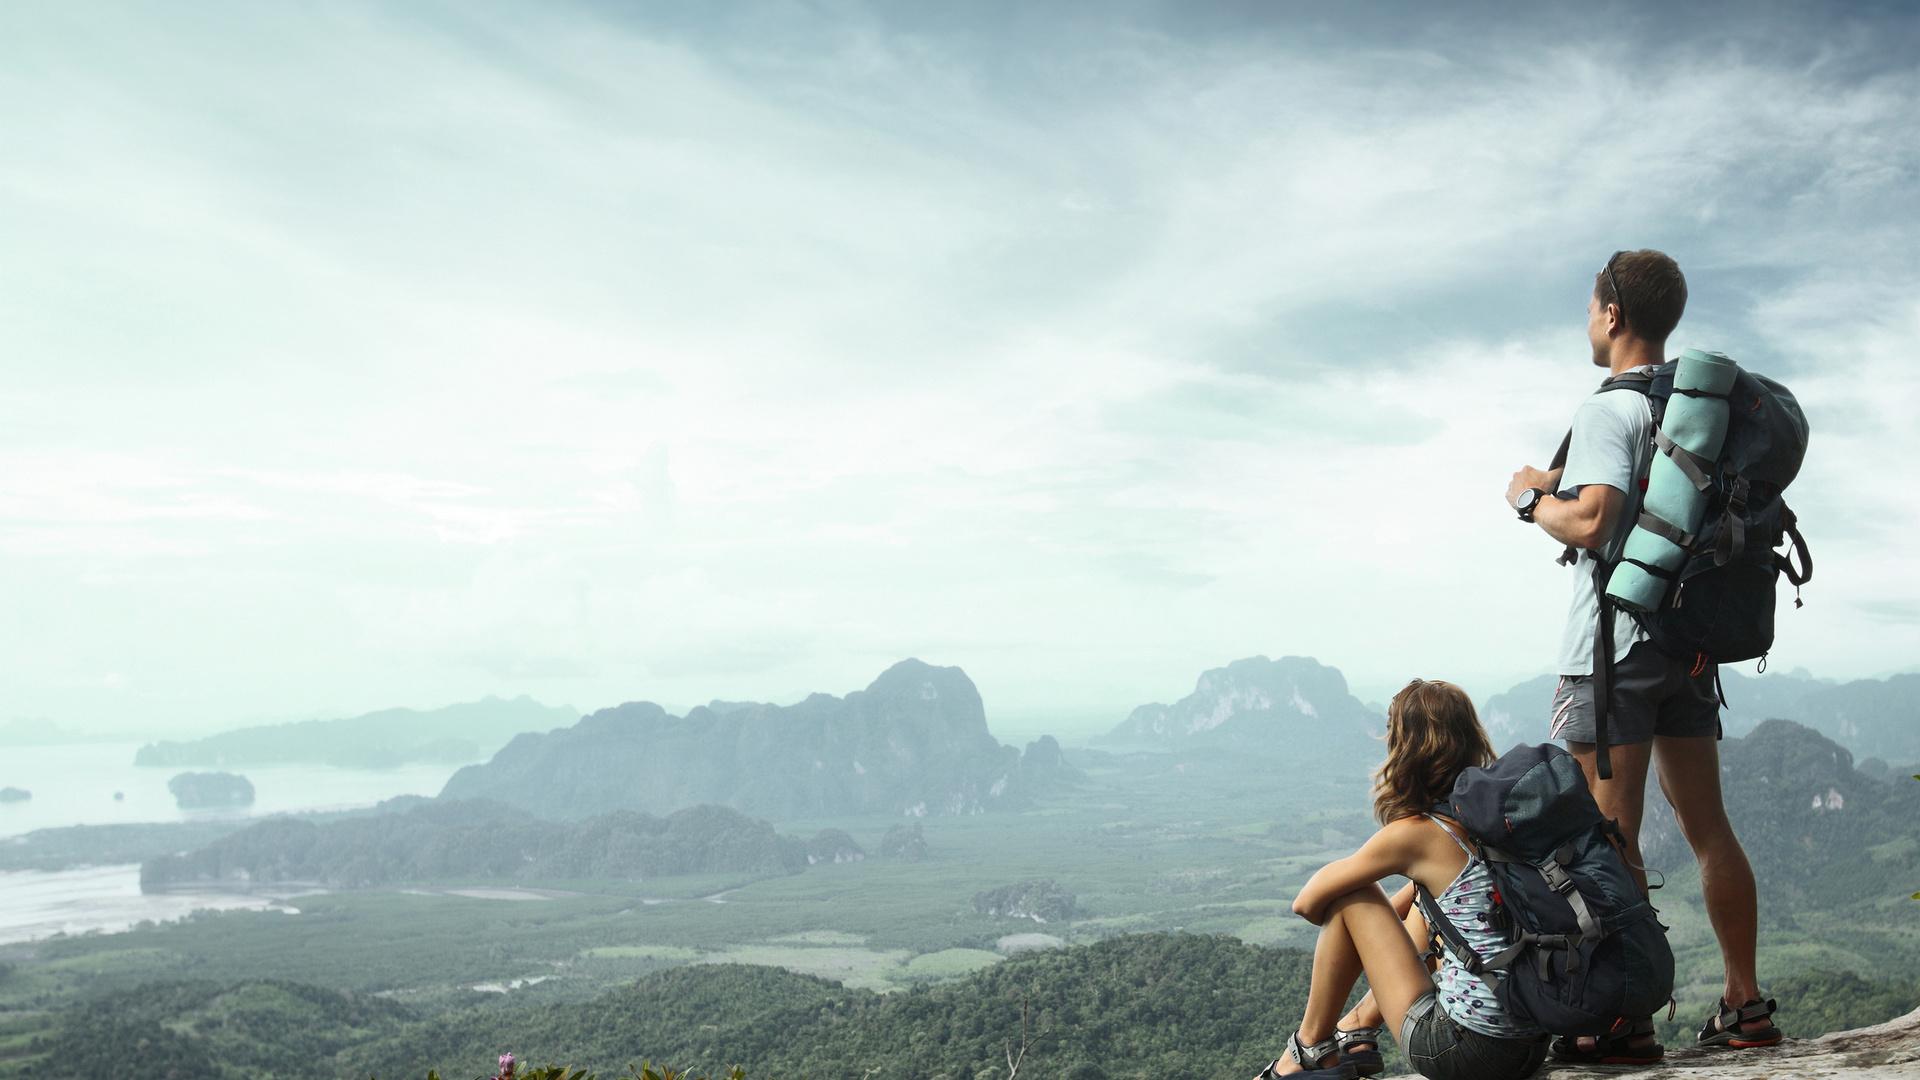 приготовленную фото на тему туризм капсуле можно